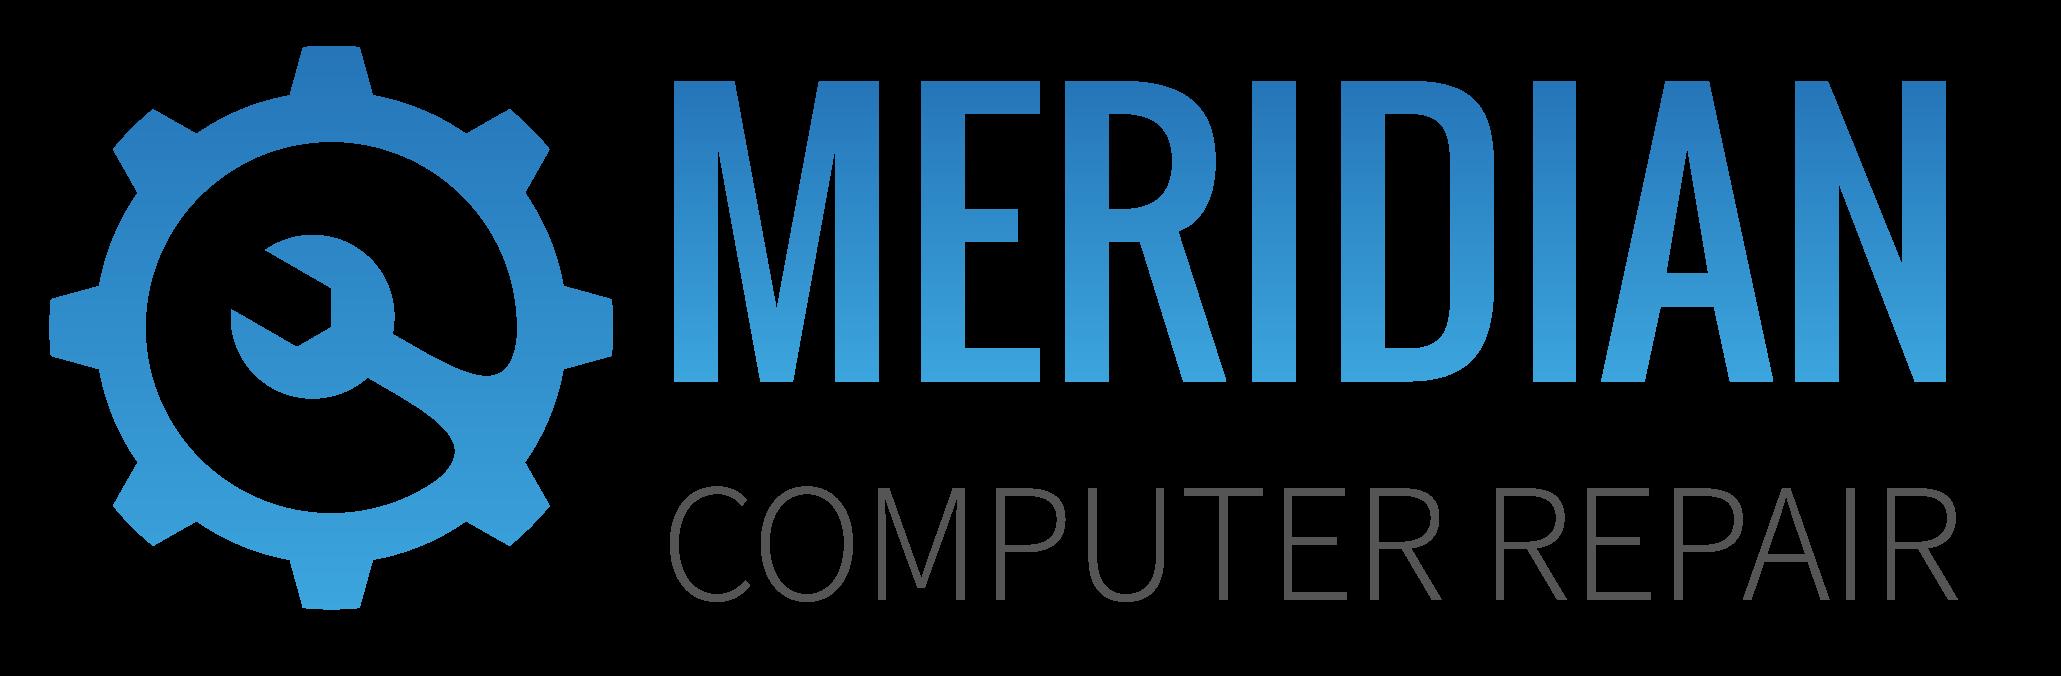 Meridian Computer Repair